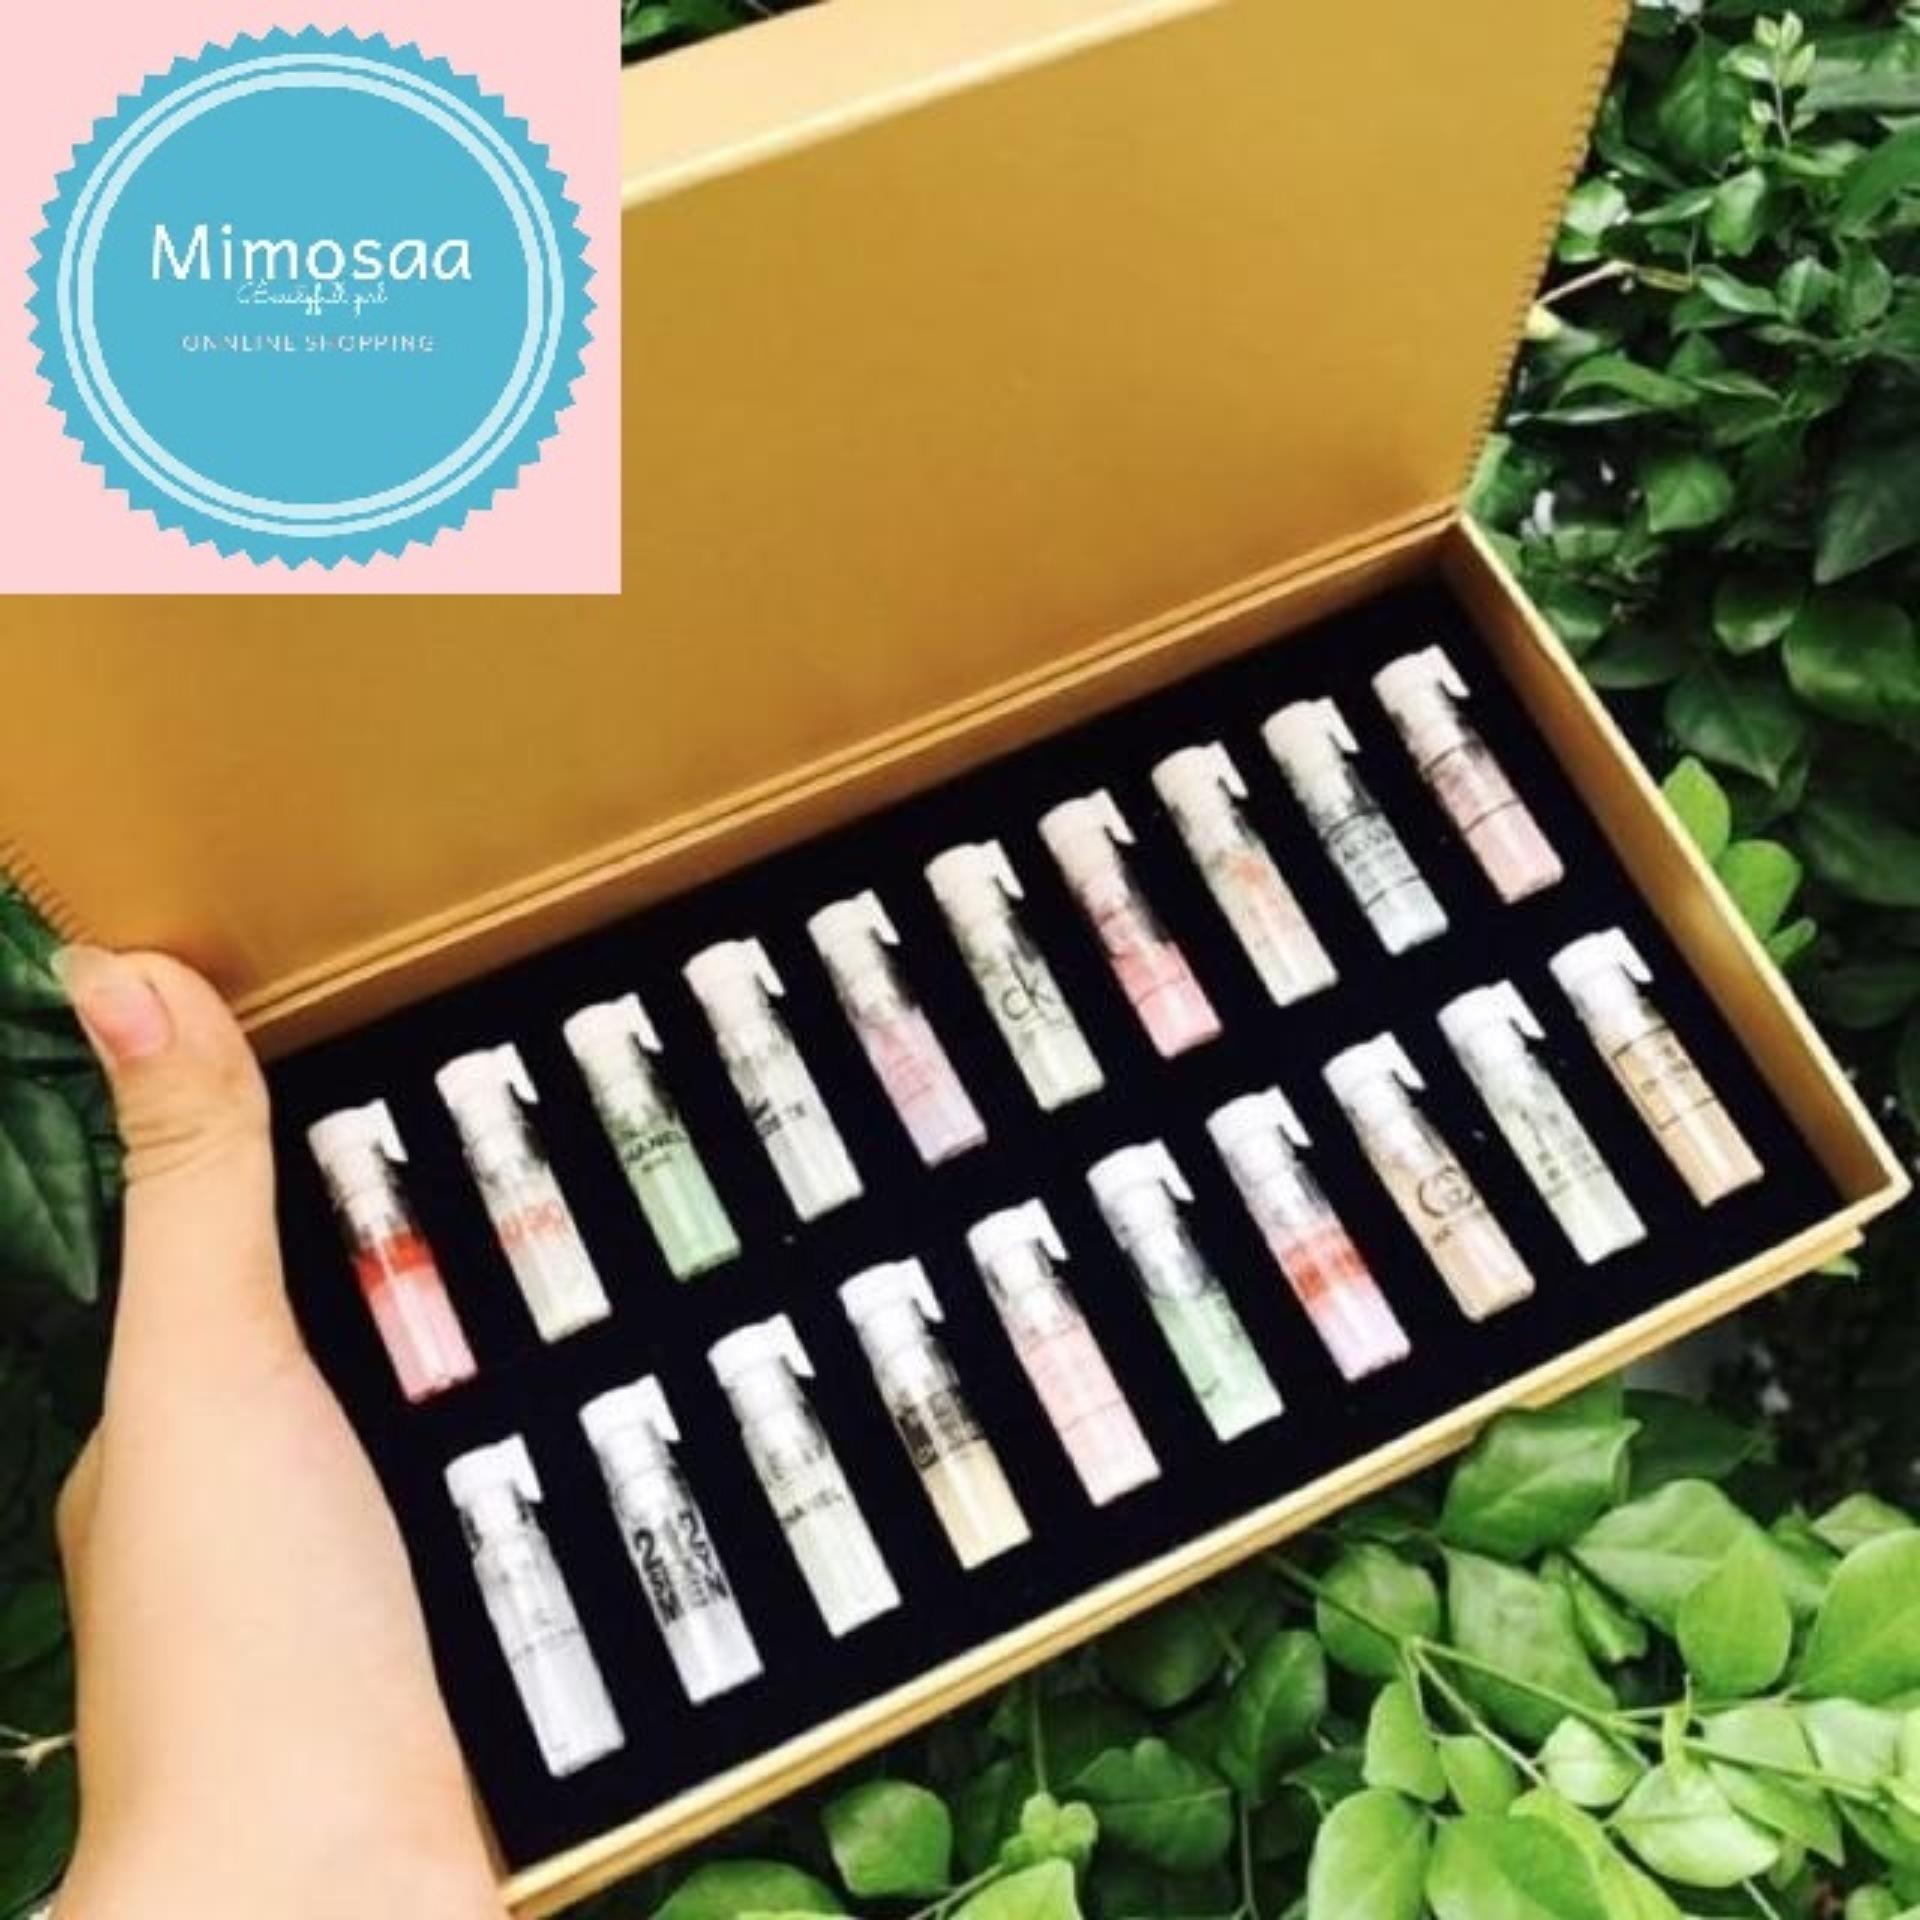 Bộ nước hoa 20 chai Pháp mini múi hương quyễn rũ nhiều mùi hương từ nhẹ nhàng trong trẻo cho đến nồng nàn quyến rũ hay mạnh mẽ cá tính cao cấp